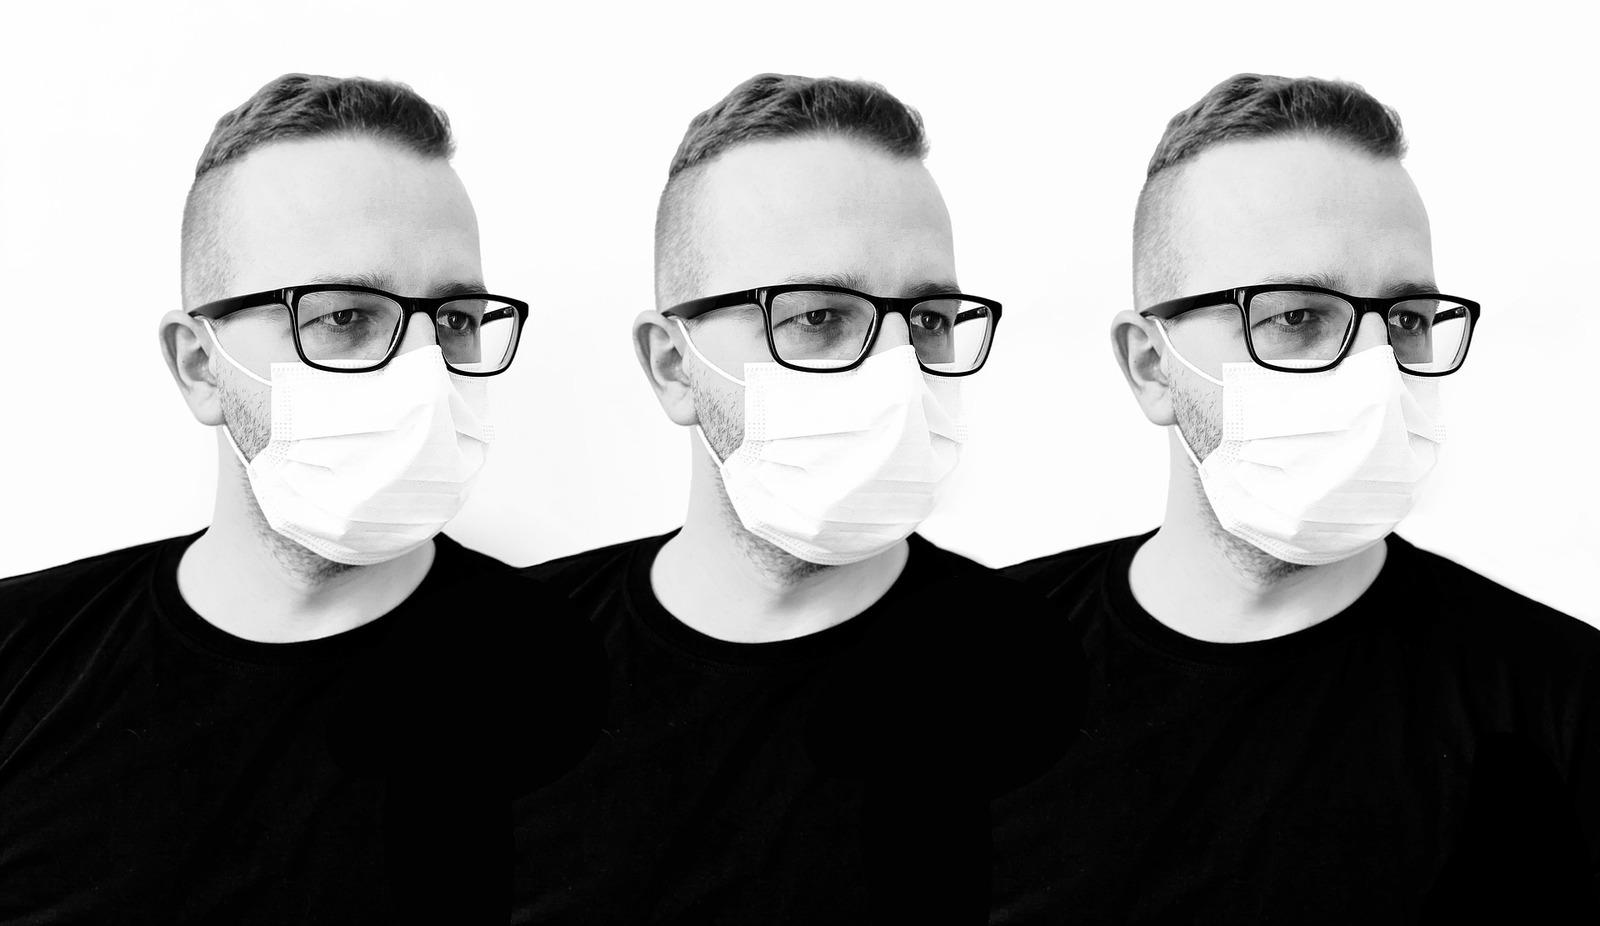 No es recomendable desinfectar las mascarillas desechables para reutilizarlas pero si no te queda más remedio, esta es la mejor forma según las evidencias disponibles - Maldita.es